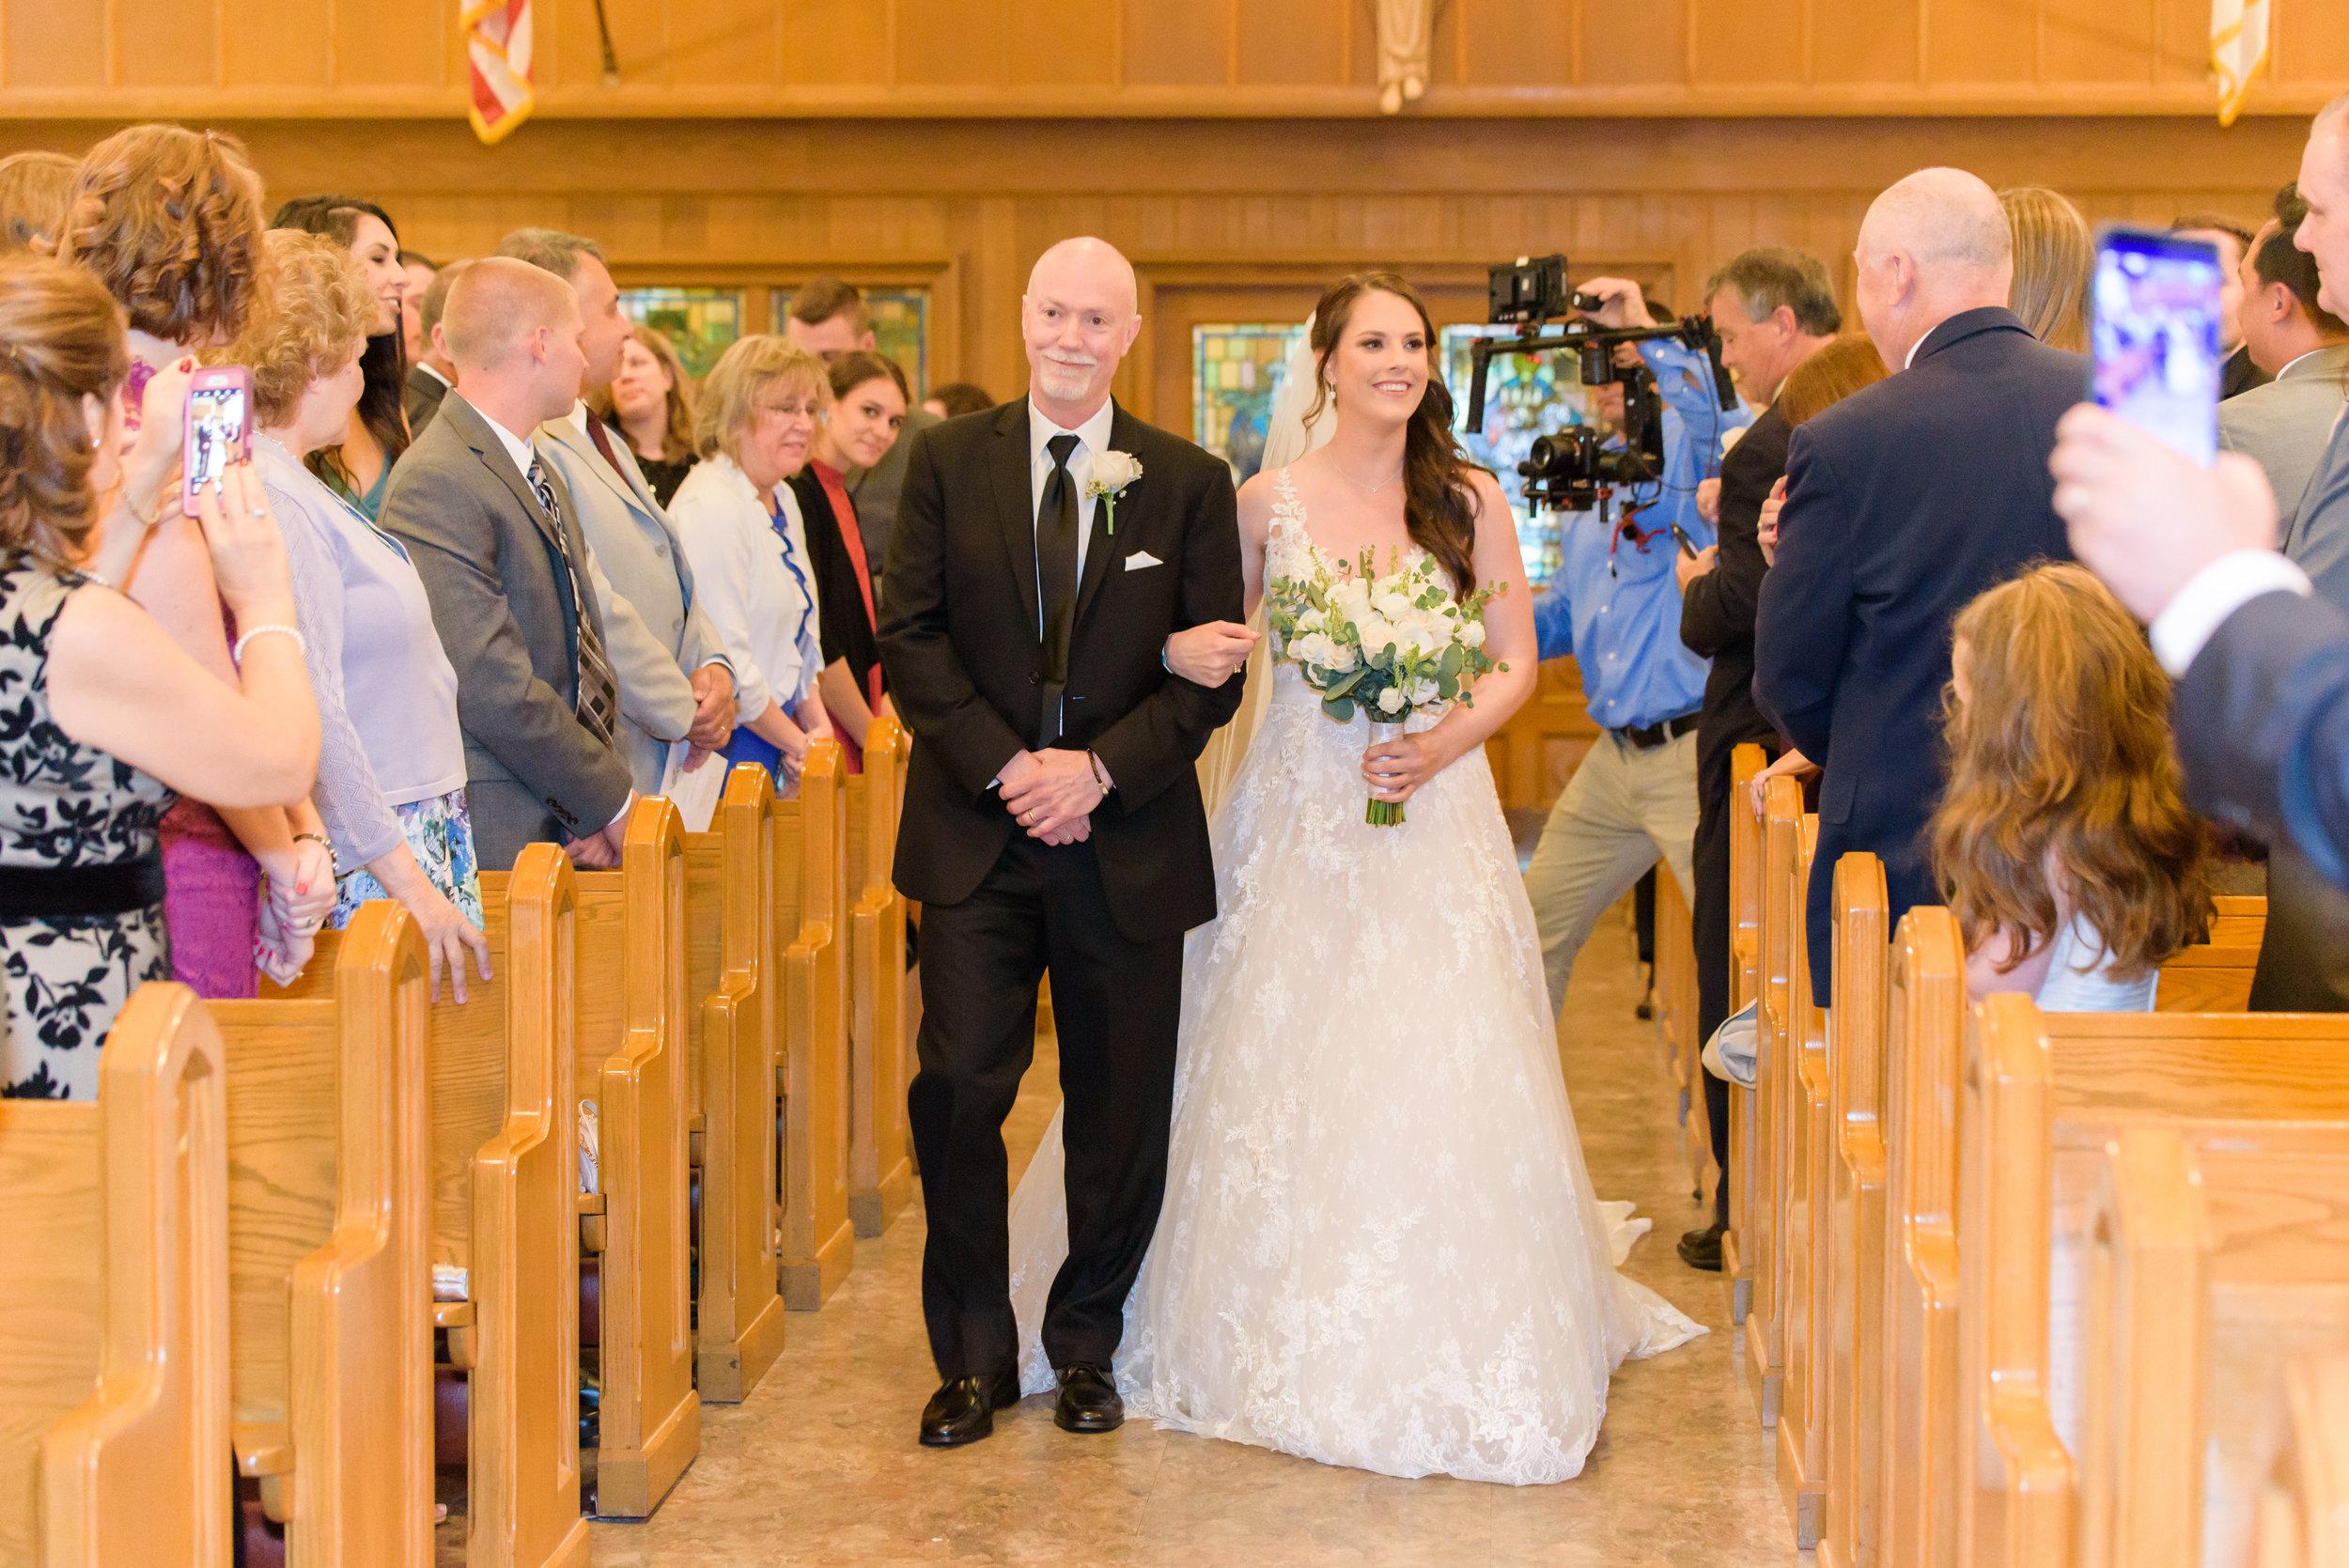 GALLERY-2019-04-26 Katelyn and Nick's Wedding388307-61.jpg